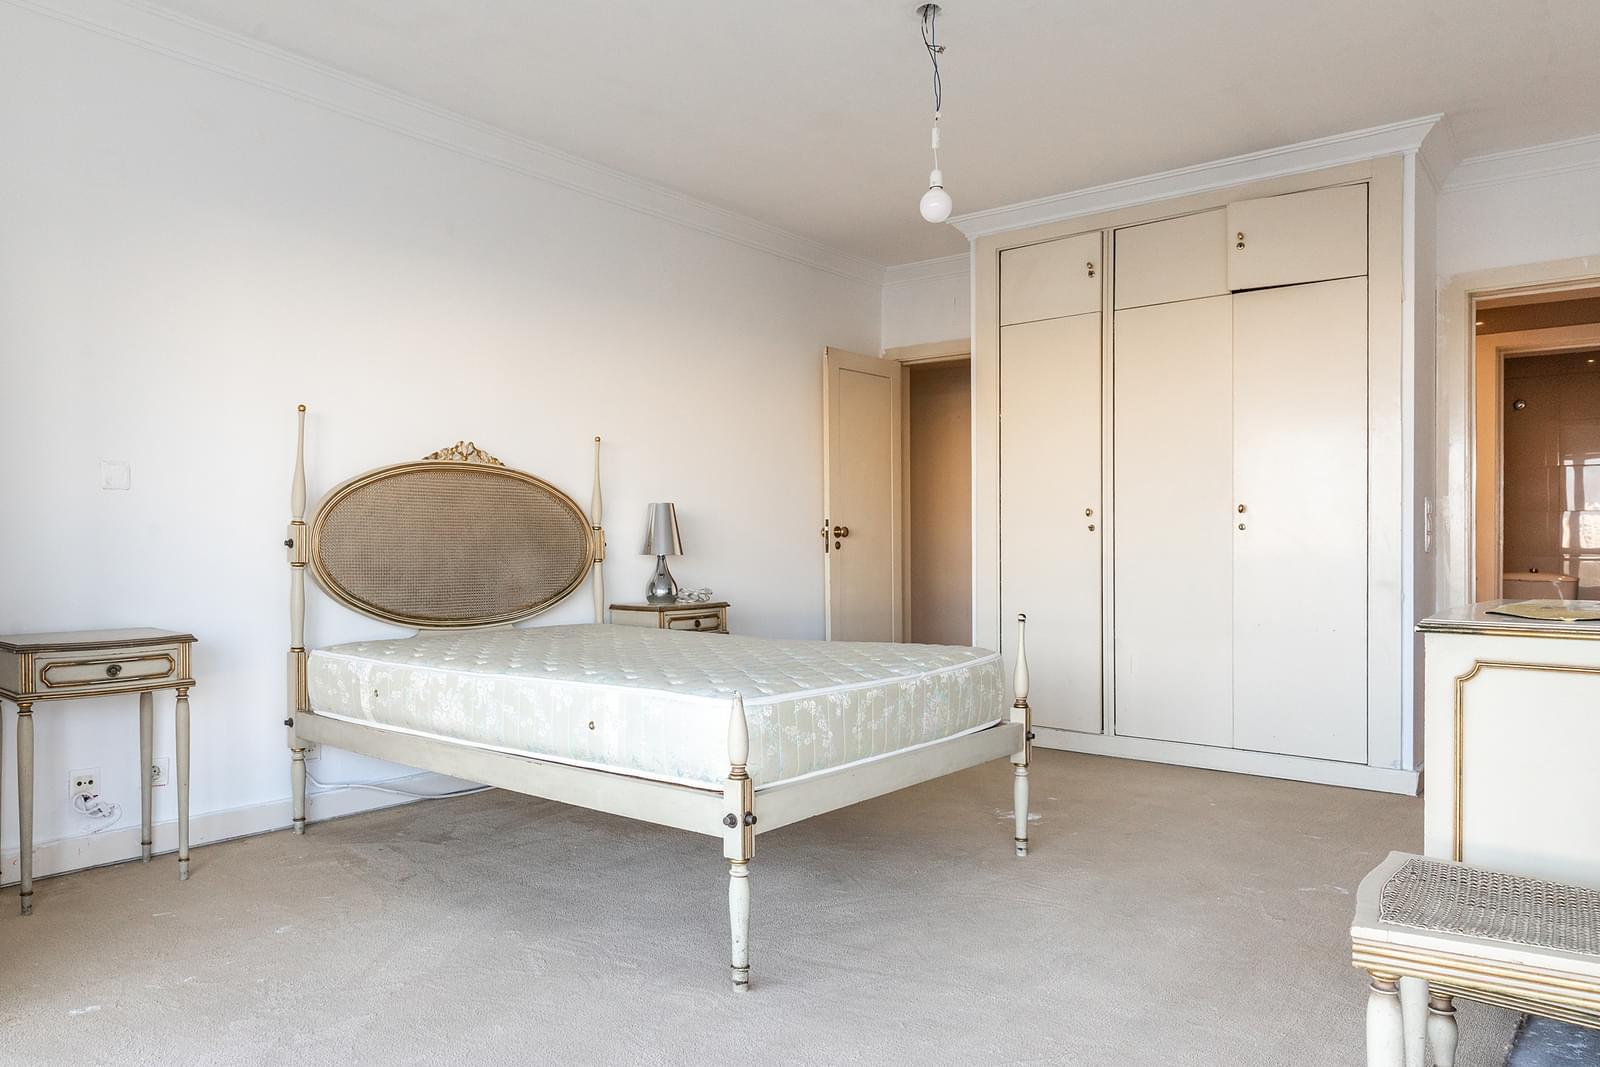 pf18210-apartamento-t4-lisboa-f2373bb8-e5f9-491b-8deb-869181607bc9